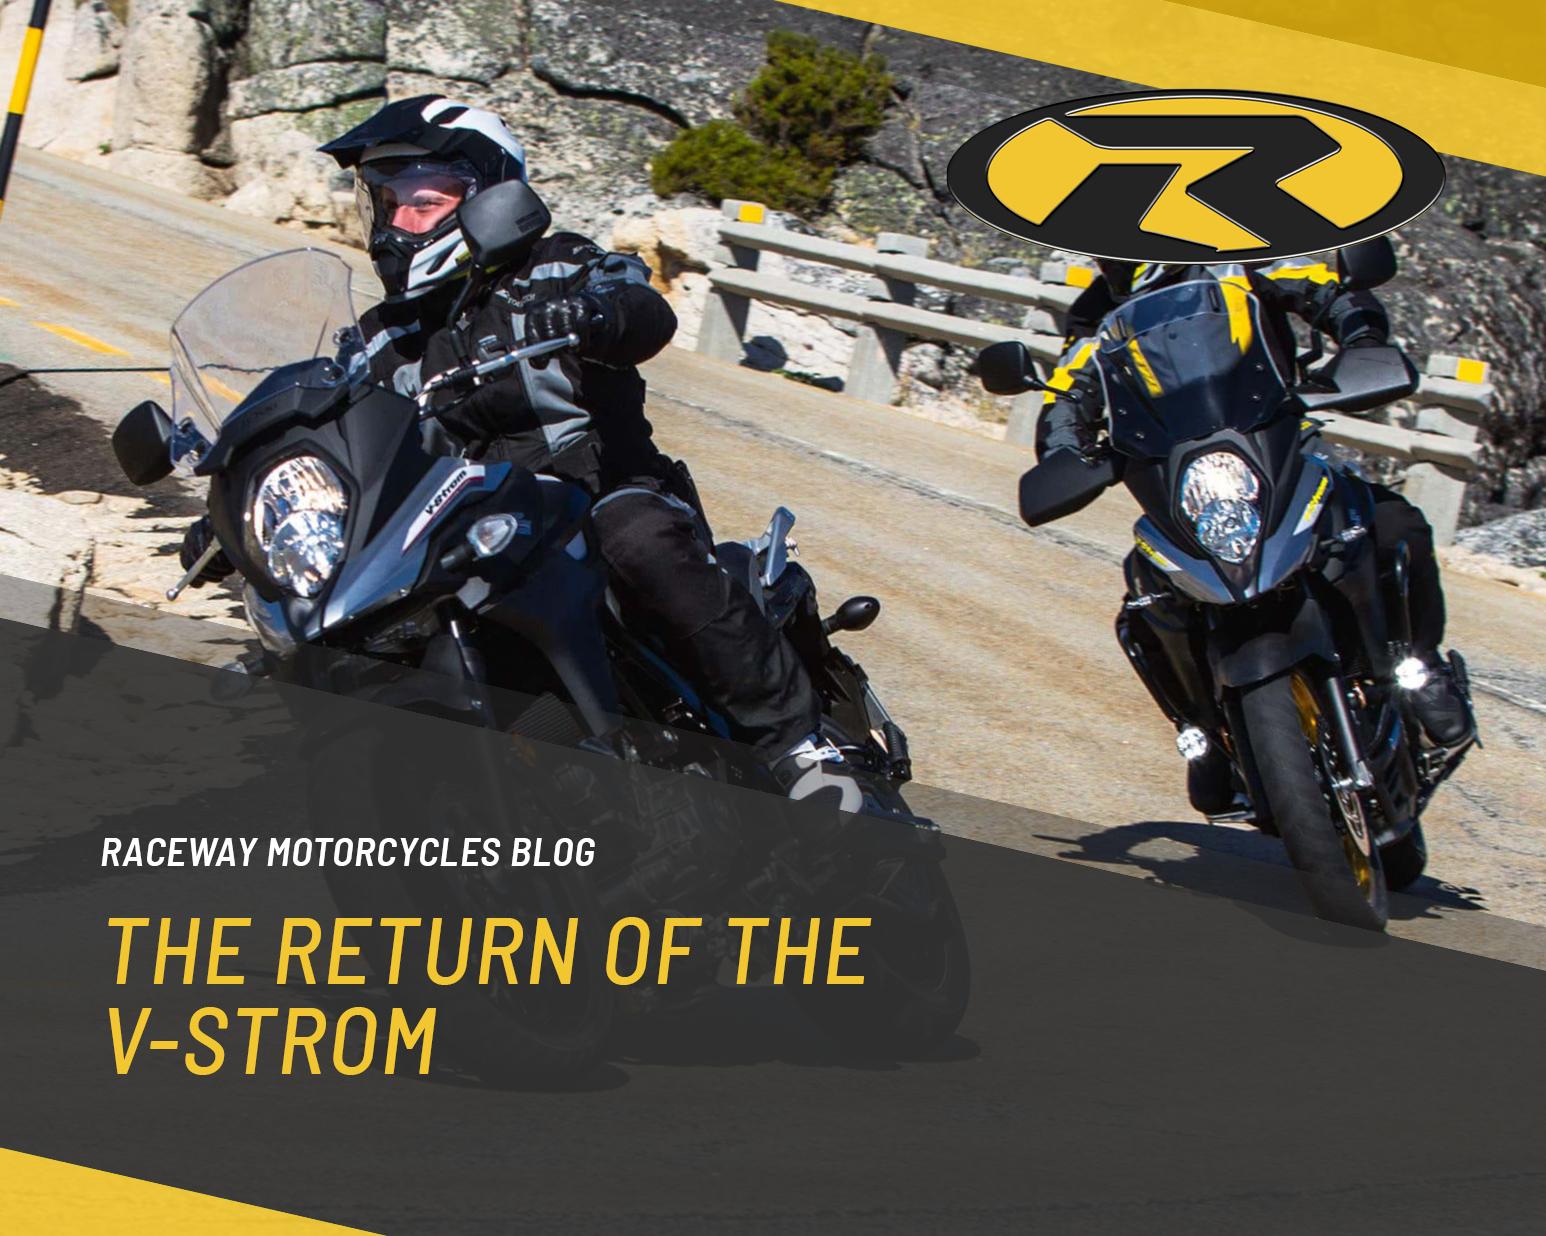 The Return Of The V-Strom